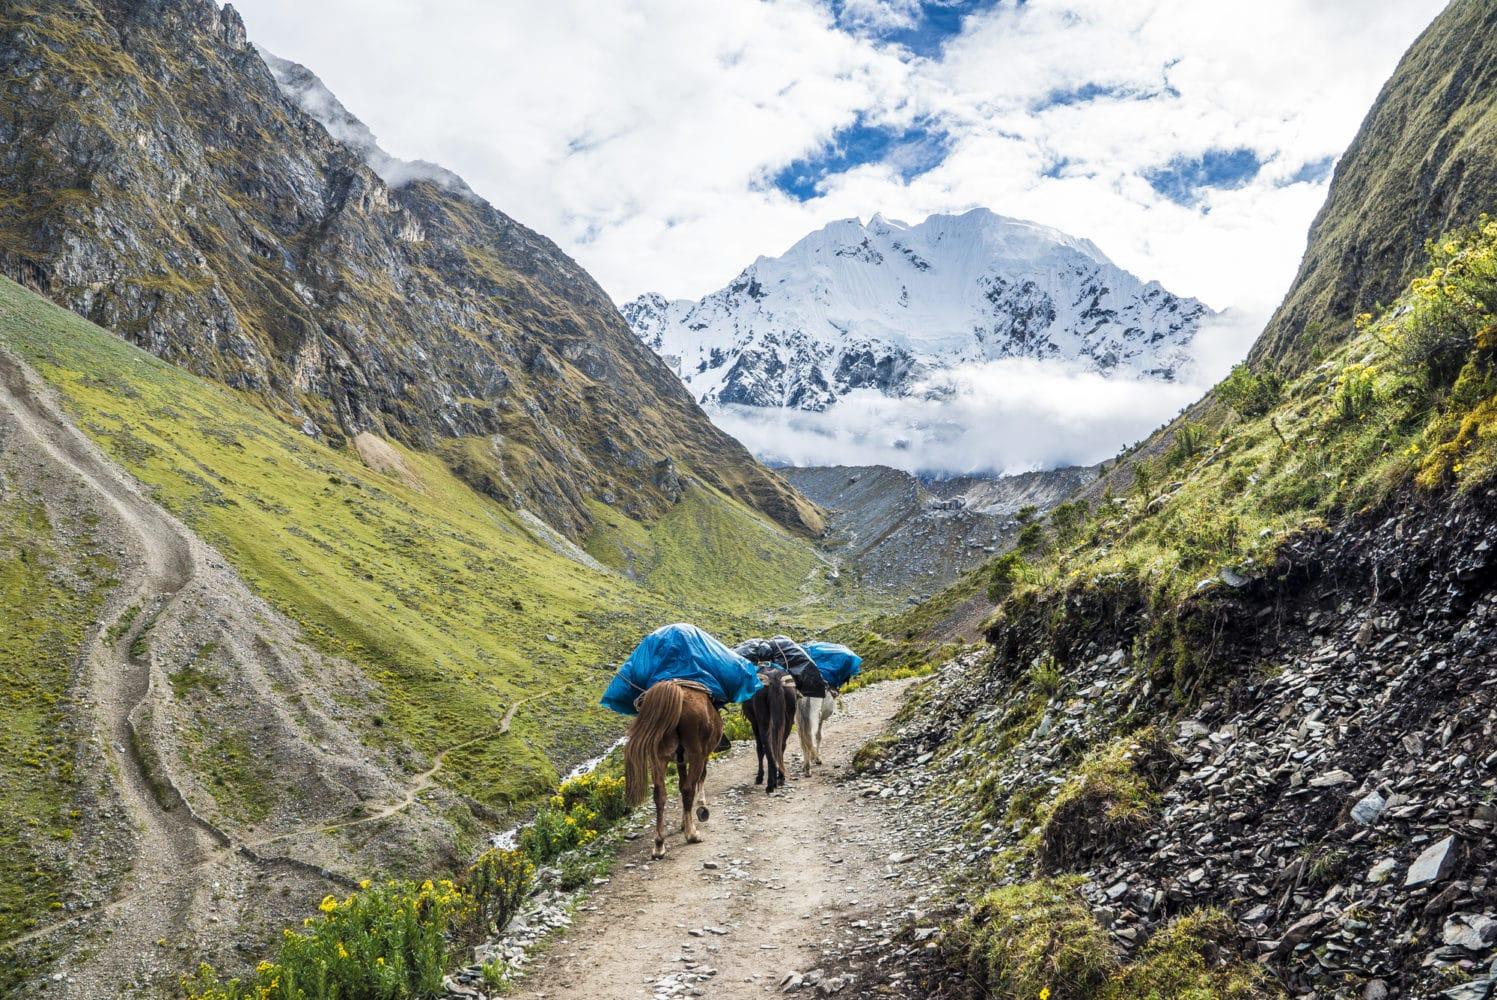 Wanderung nach Machu Picchu